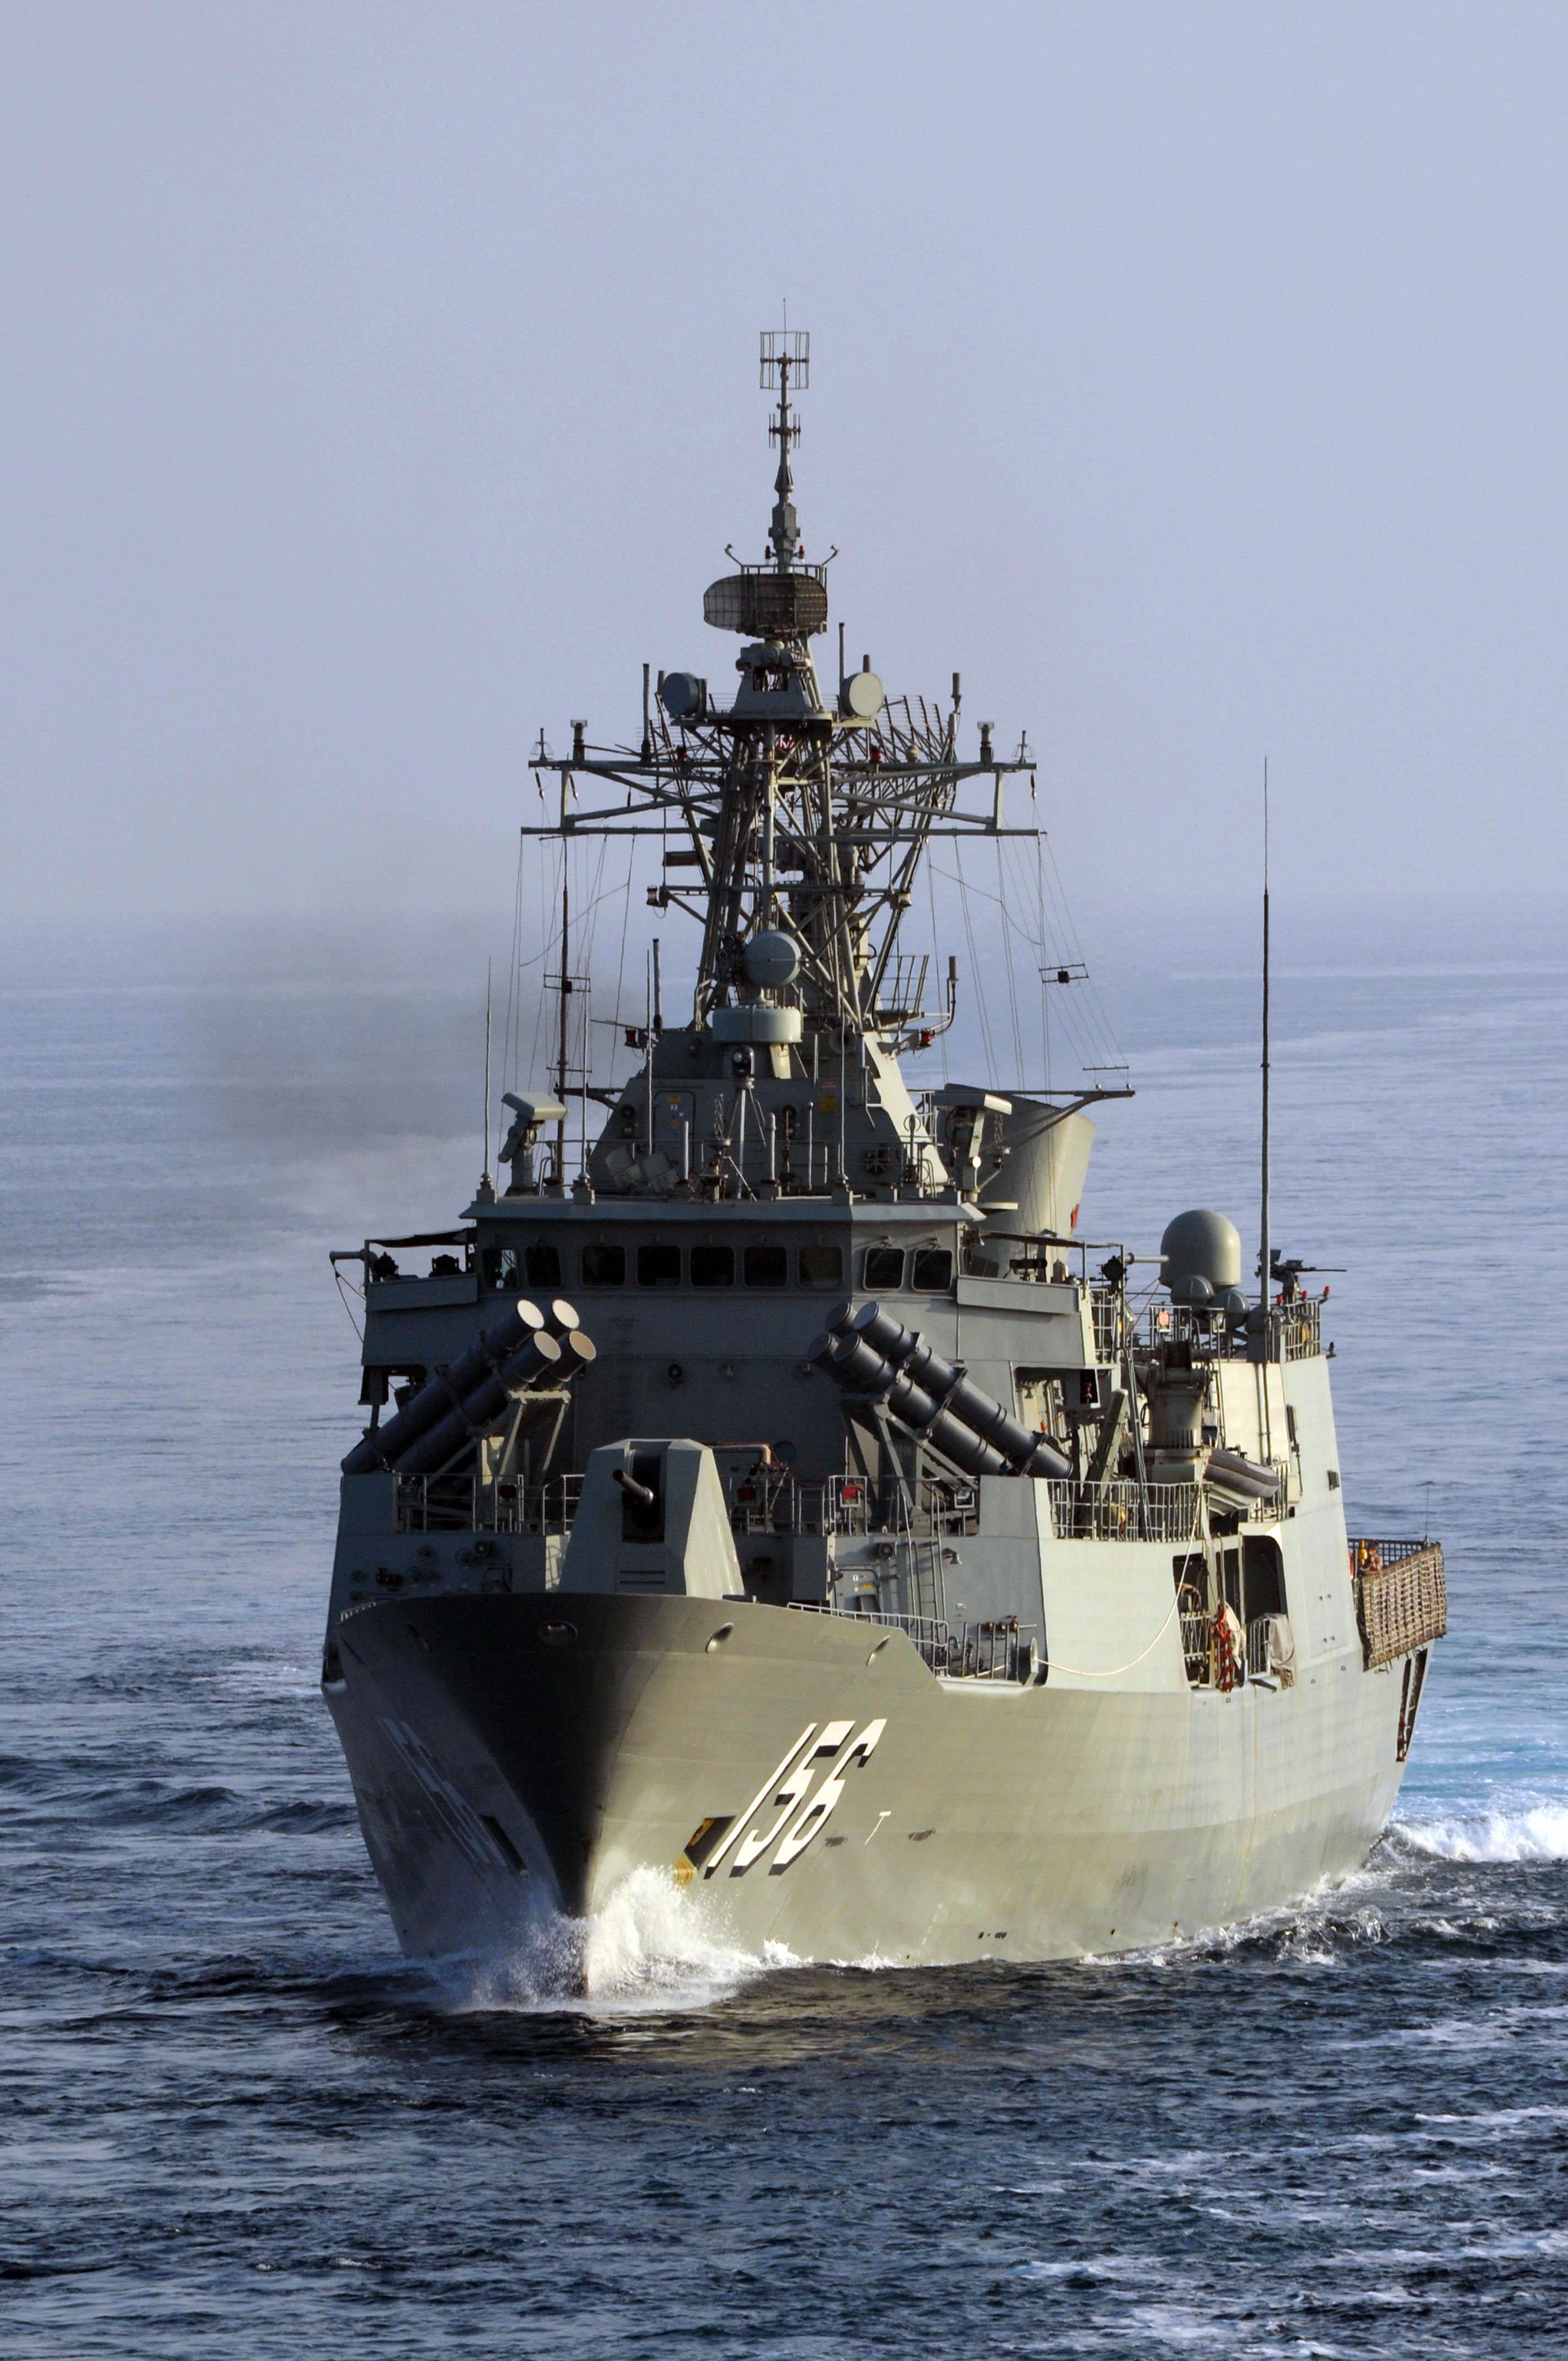 HMAS_Toowoomba_FFH-156_Gulf_of_Oman.jpg